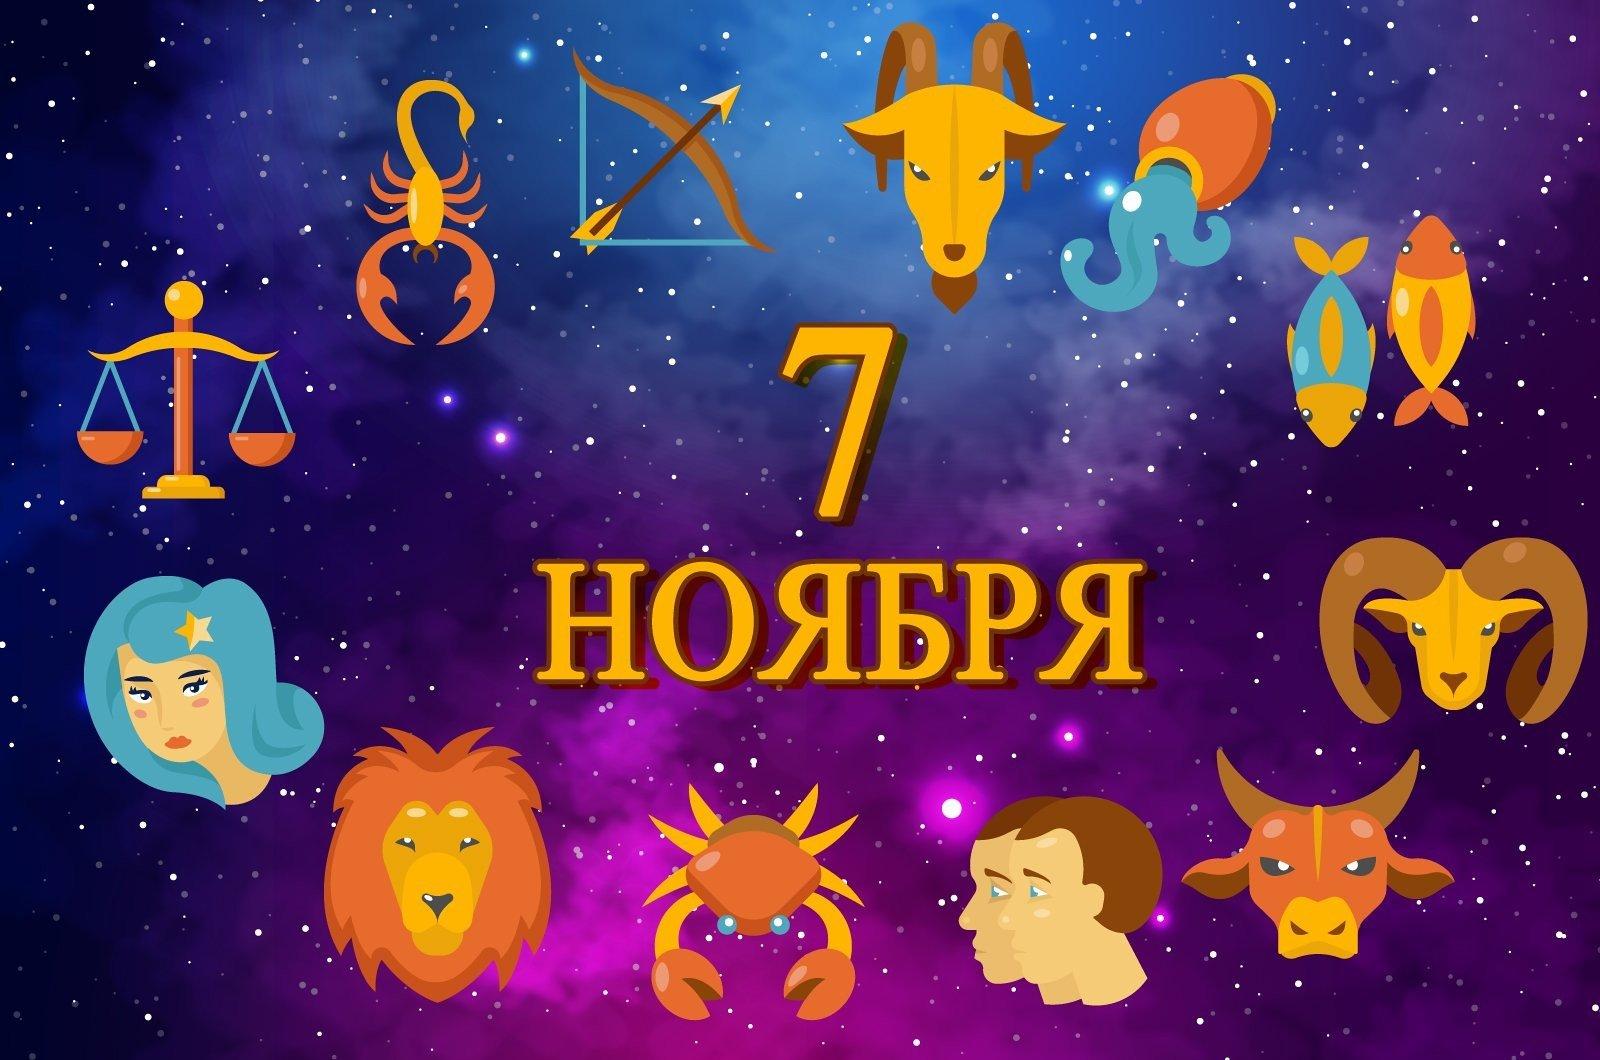 Субботний гороскоп на 7 ноября